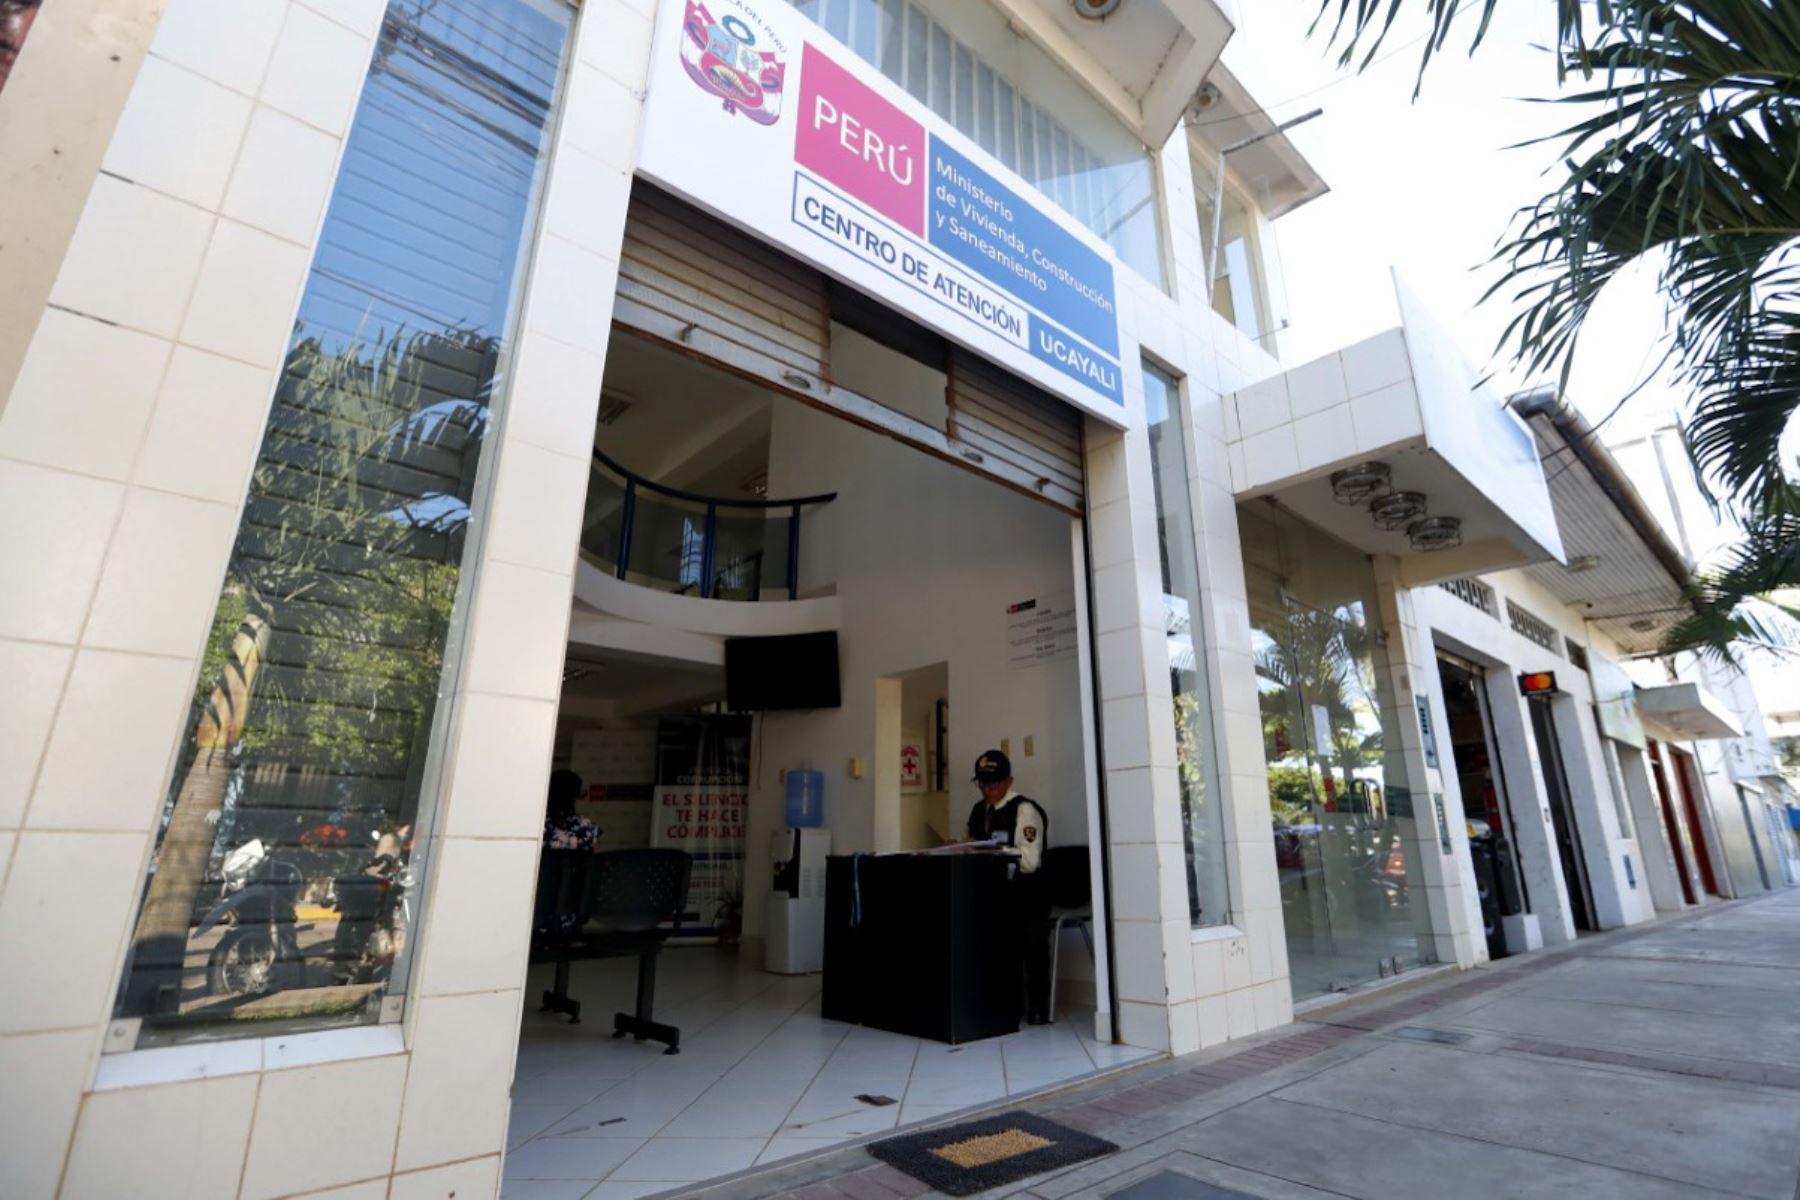 Centro de Atención al Ciudadano en Ucayali